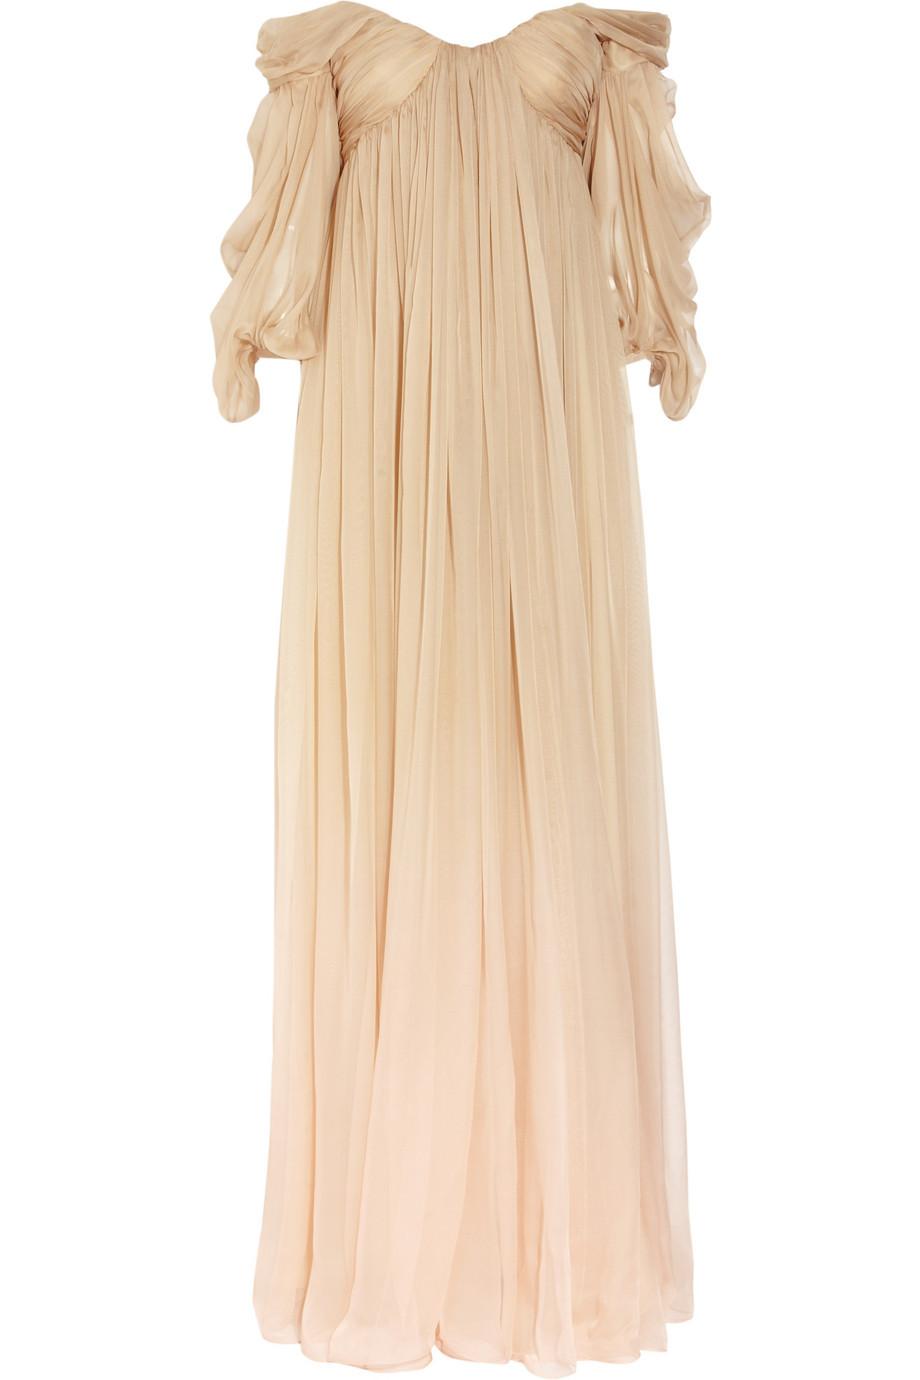 Degrade Silk Chiffon Wedding Dress By Alexander Mcqueen